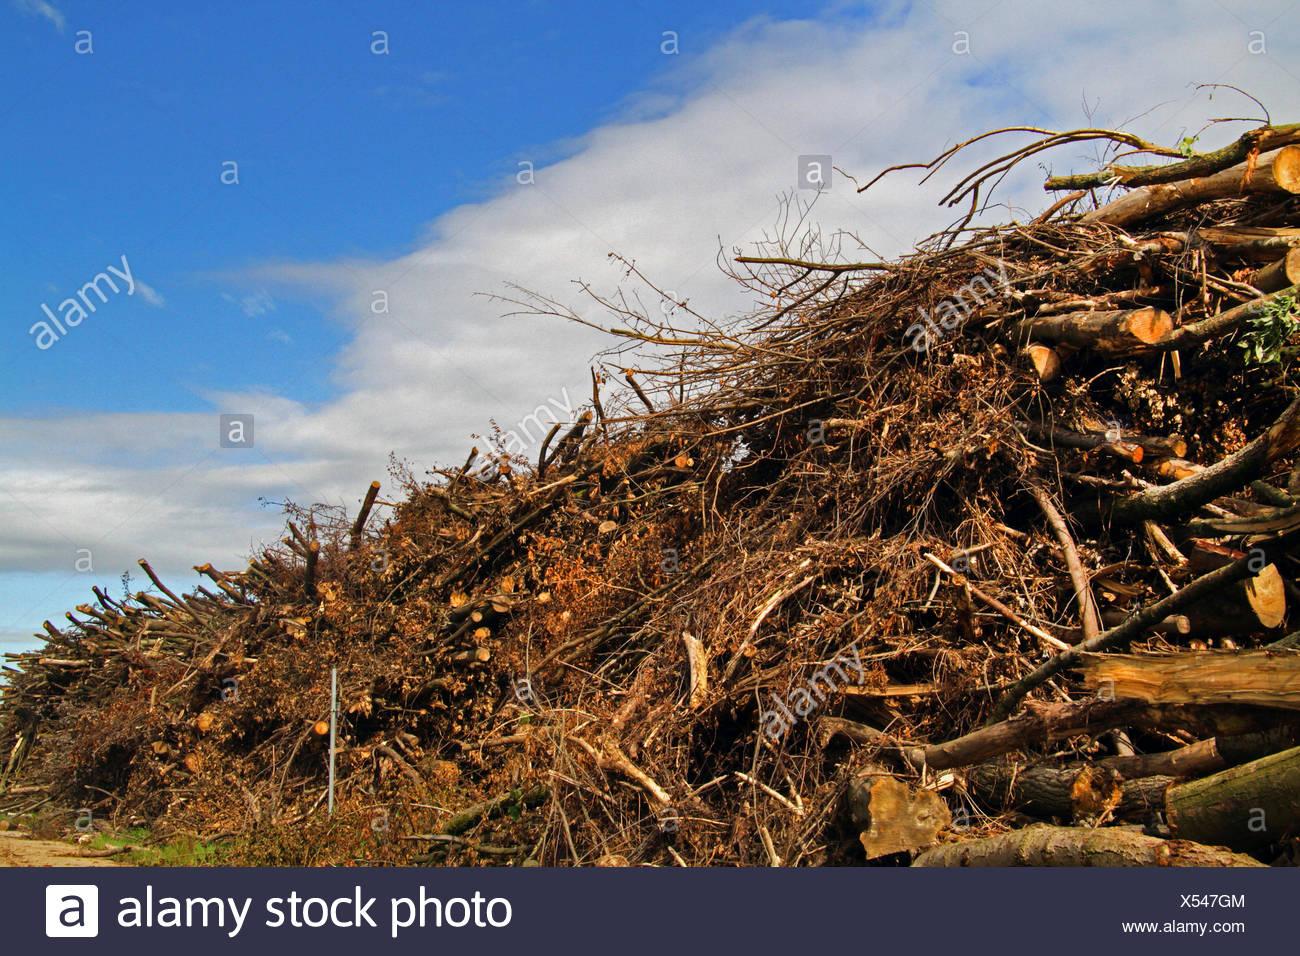 Almacenamiento de madera tras la deforestación, Alemania Imagen De Stock